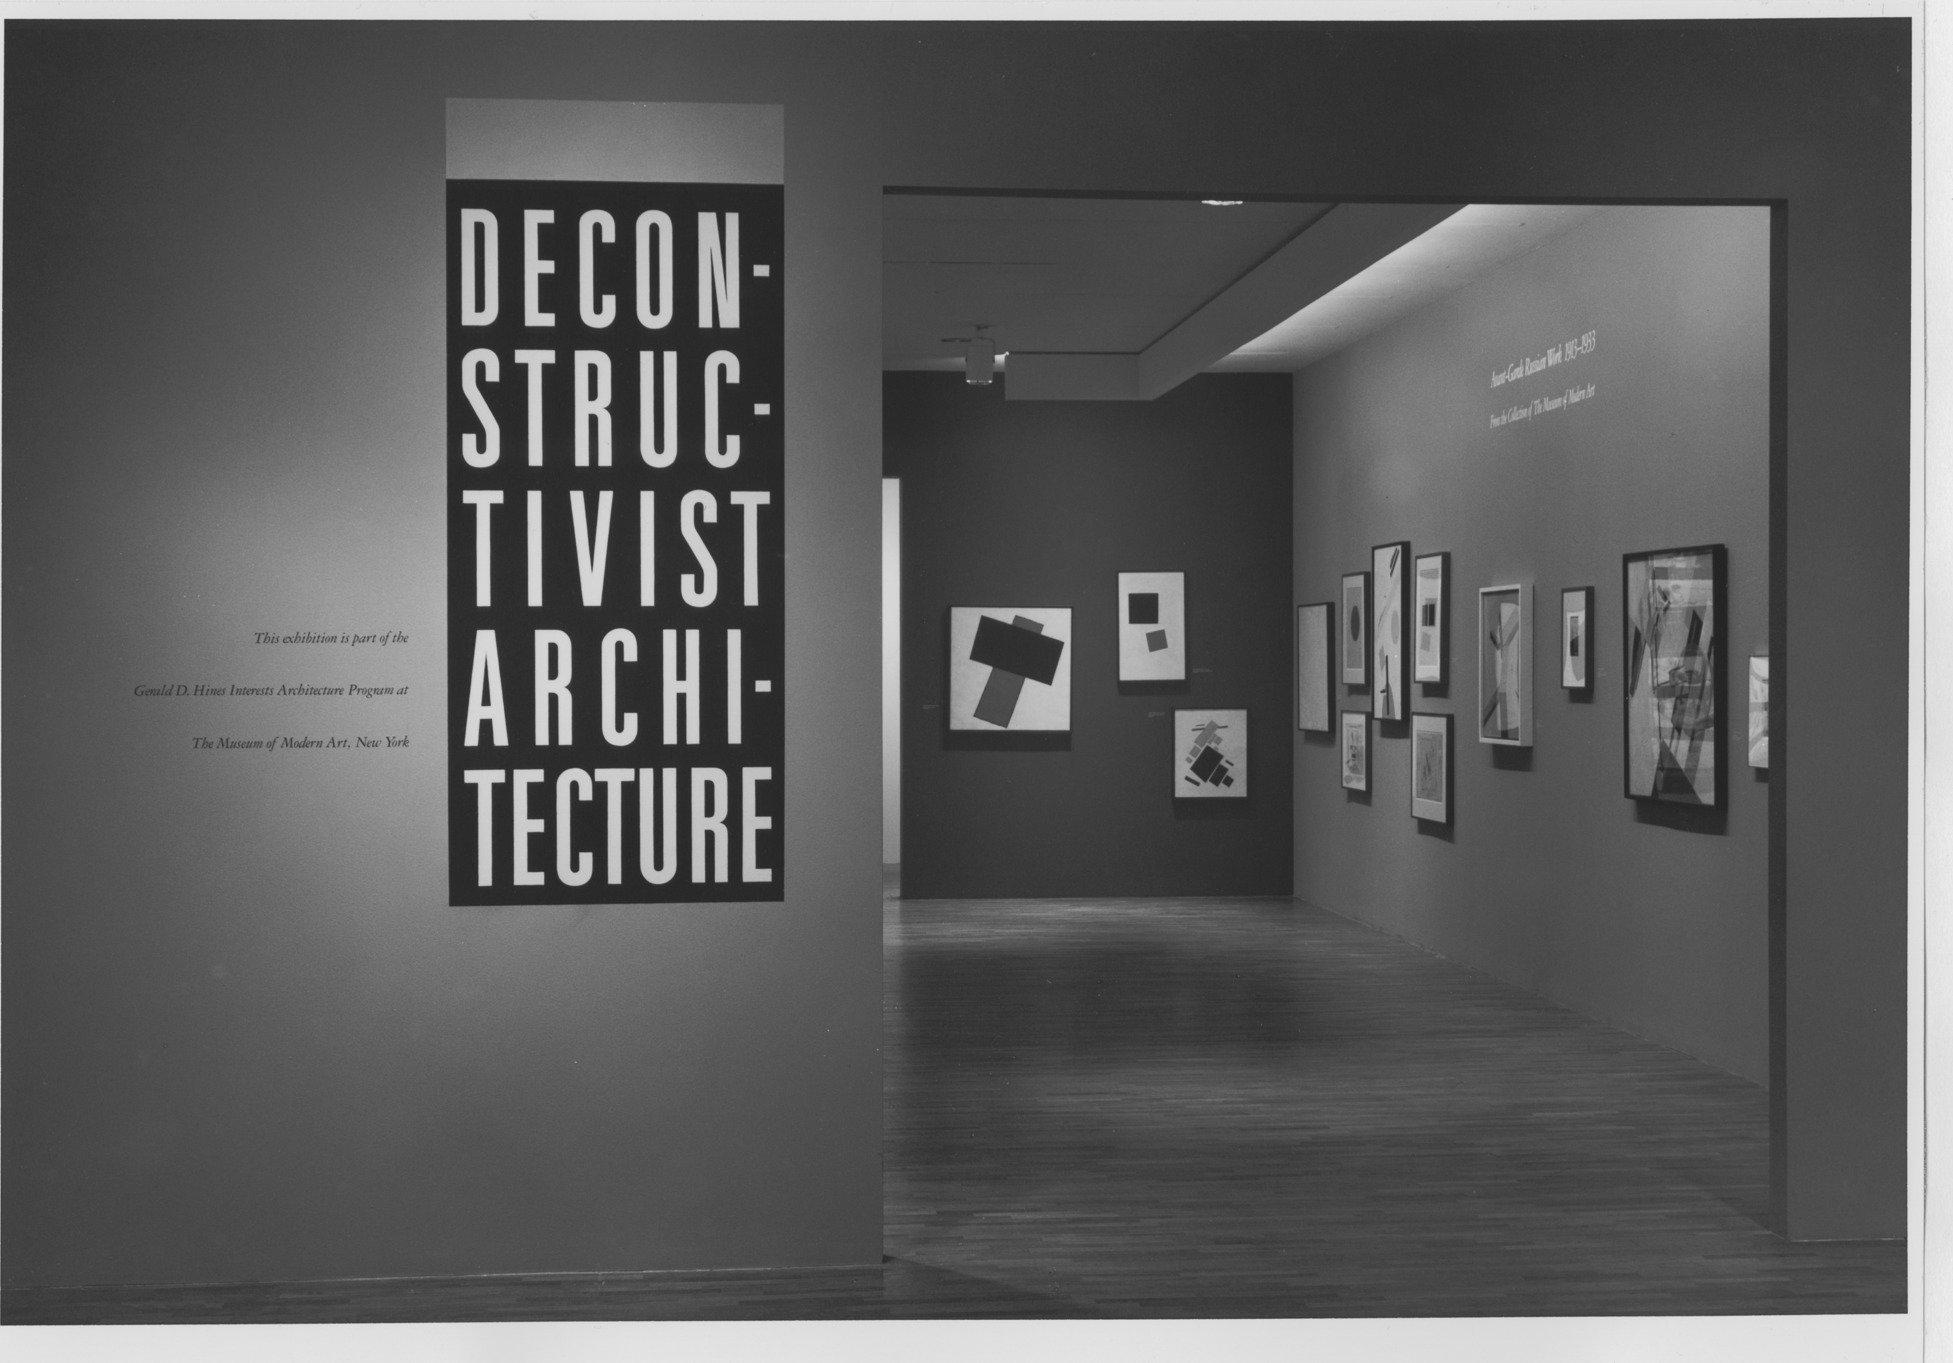 Ad Classics 1988 Deconstructivist Exhibition At New York